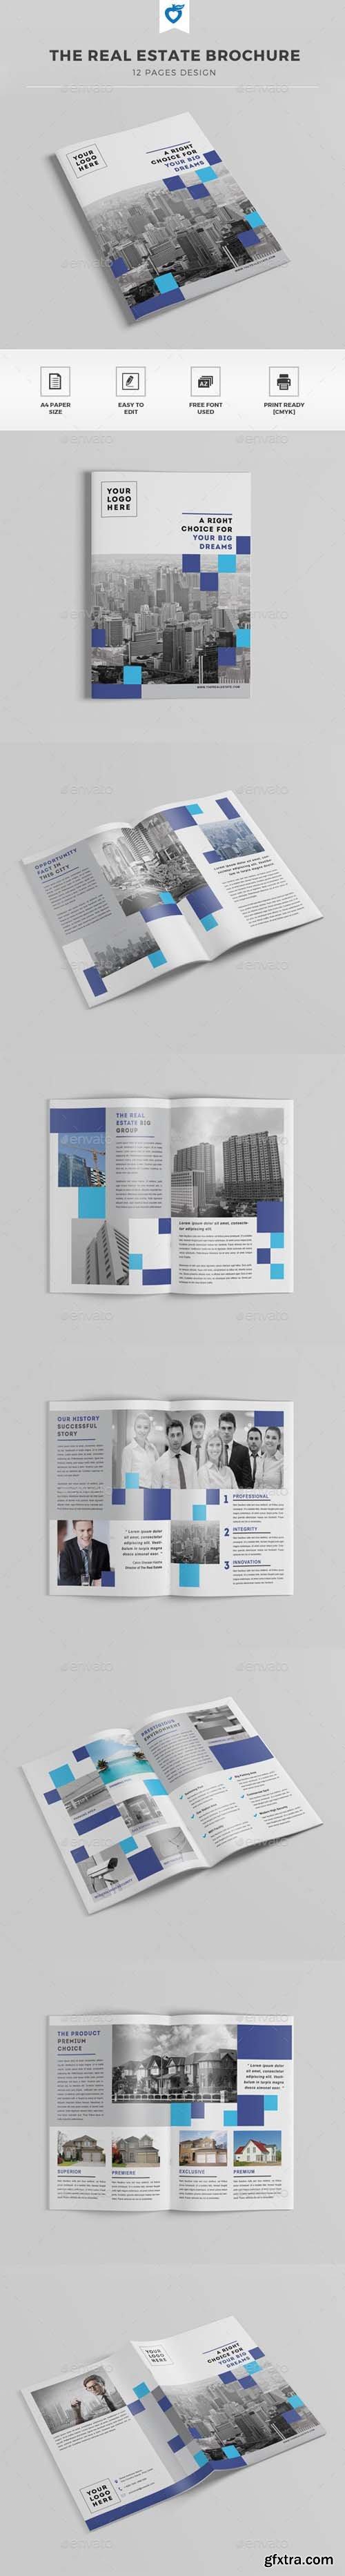 GR - The Real Estate Brochure 11493992